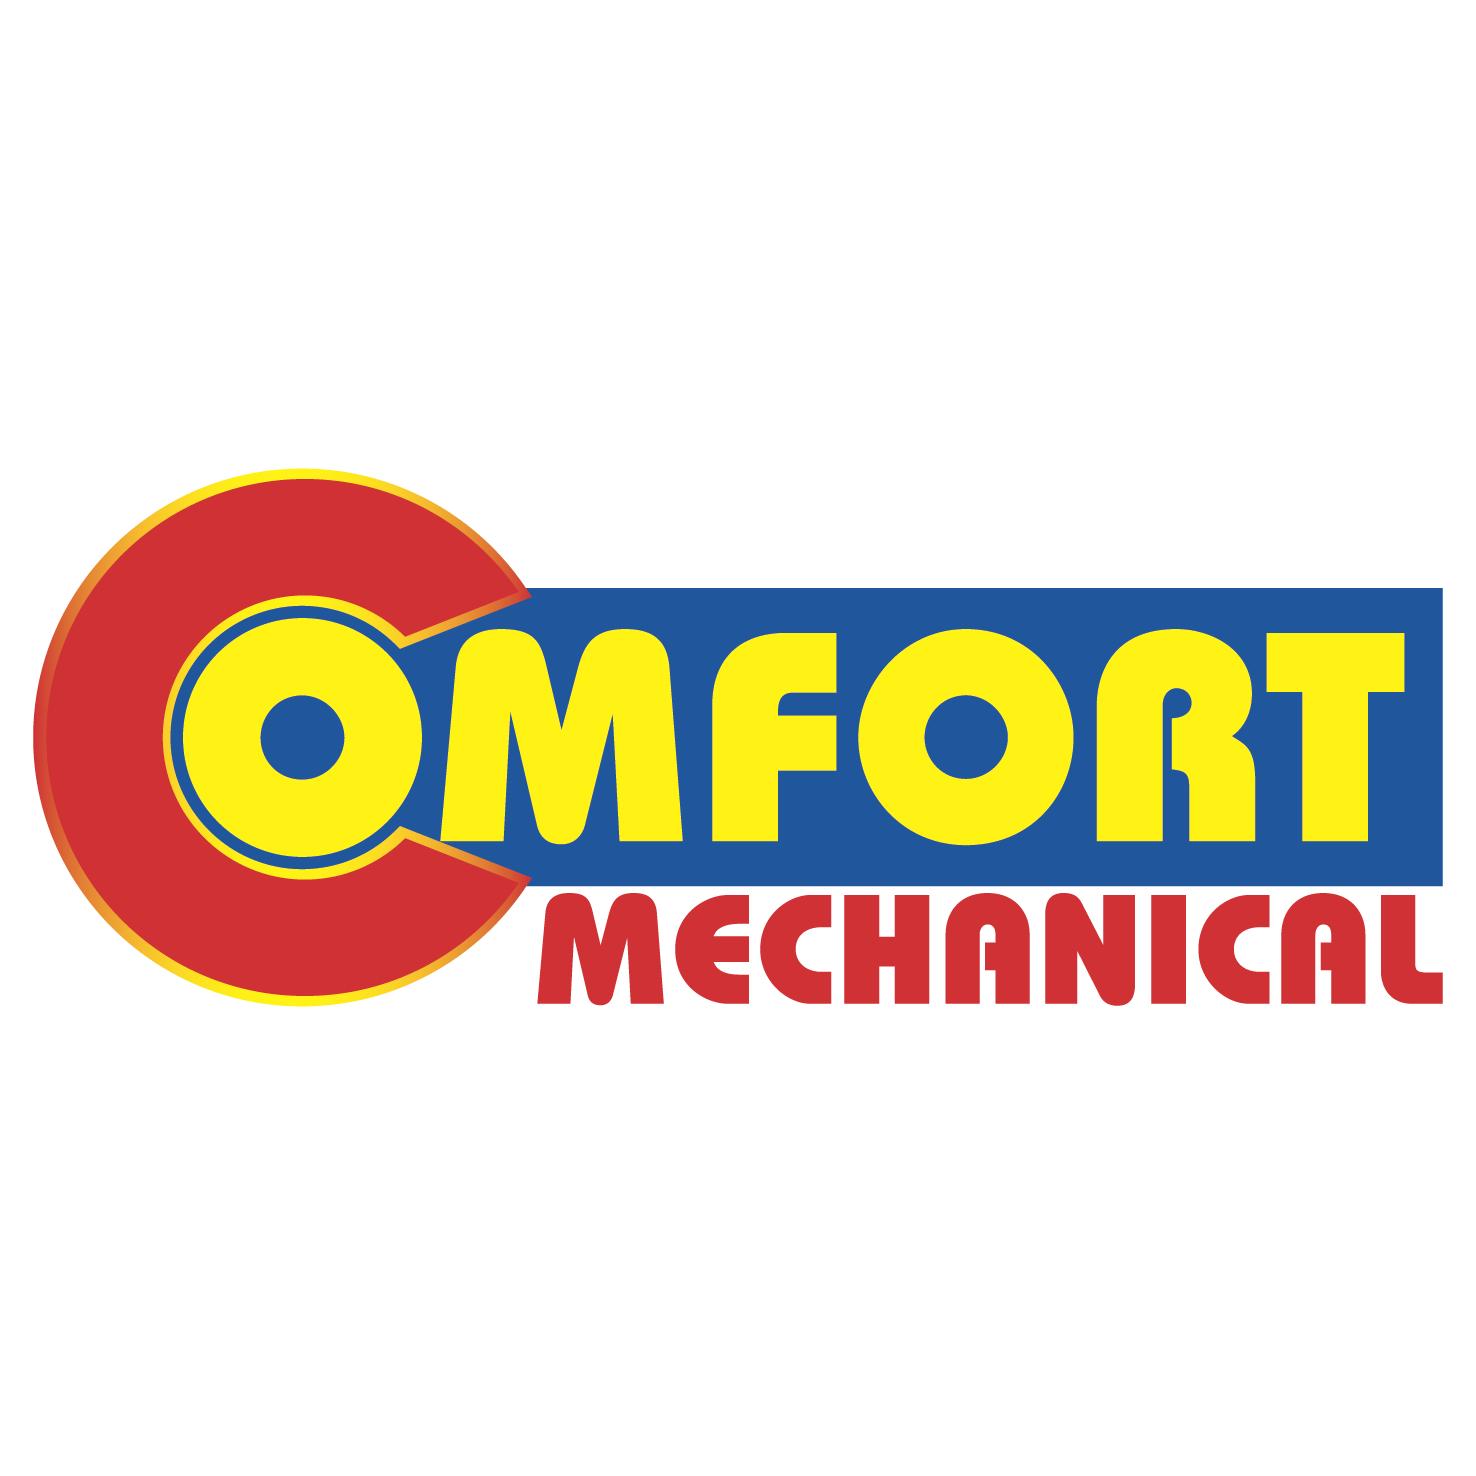 Comfort Mechanical, LLC